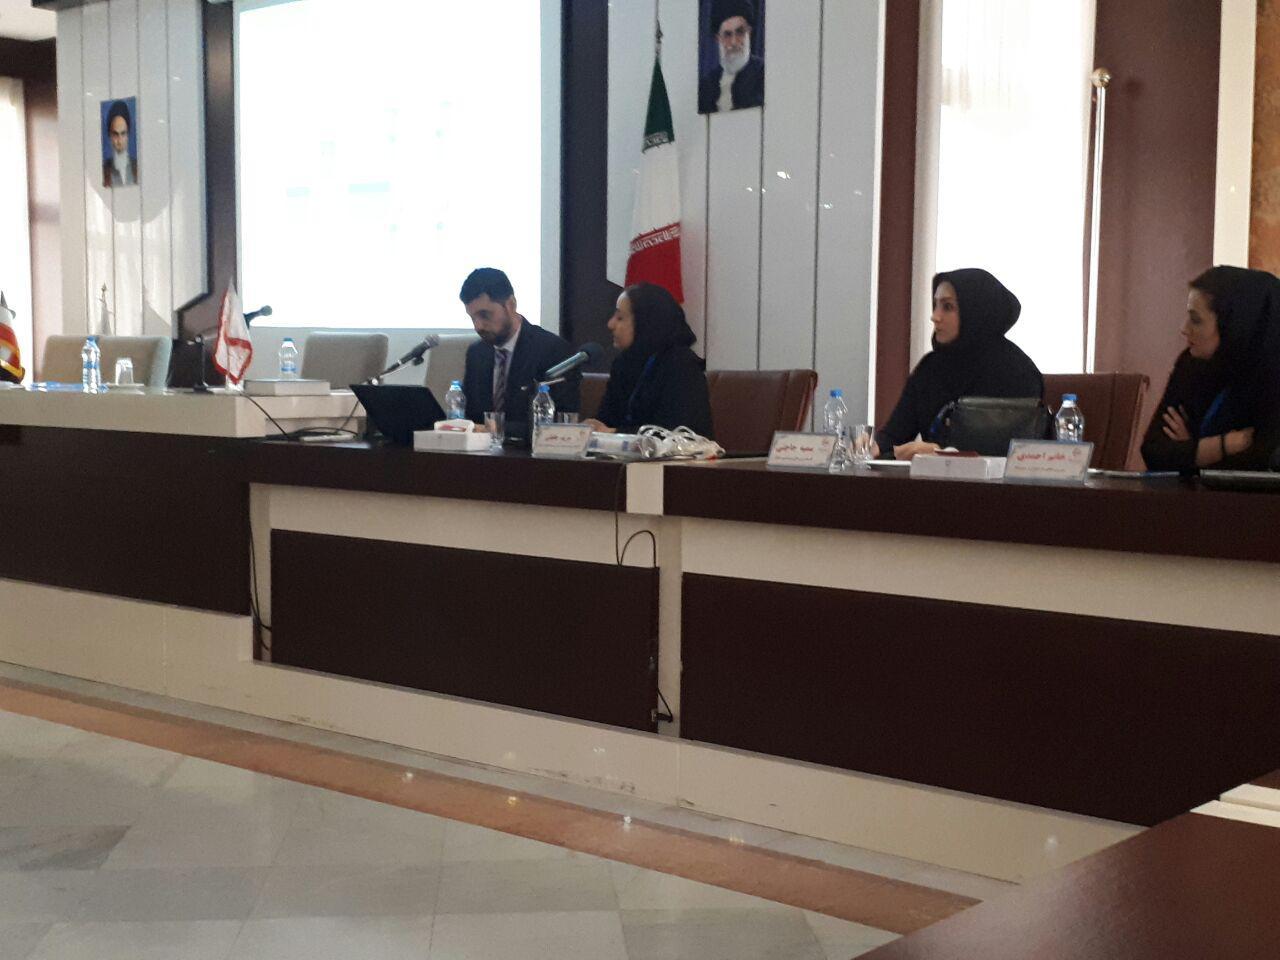 برگزاری سمینار آموزش پرستاری دستگاه های دیالیز  4008s Classic فرزنیوس در مشهد 19